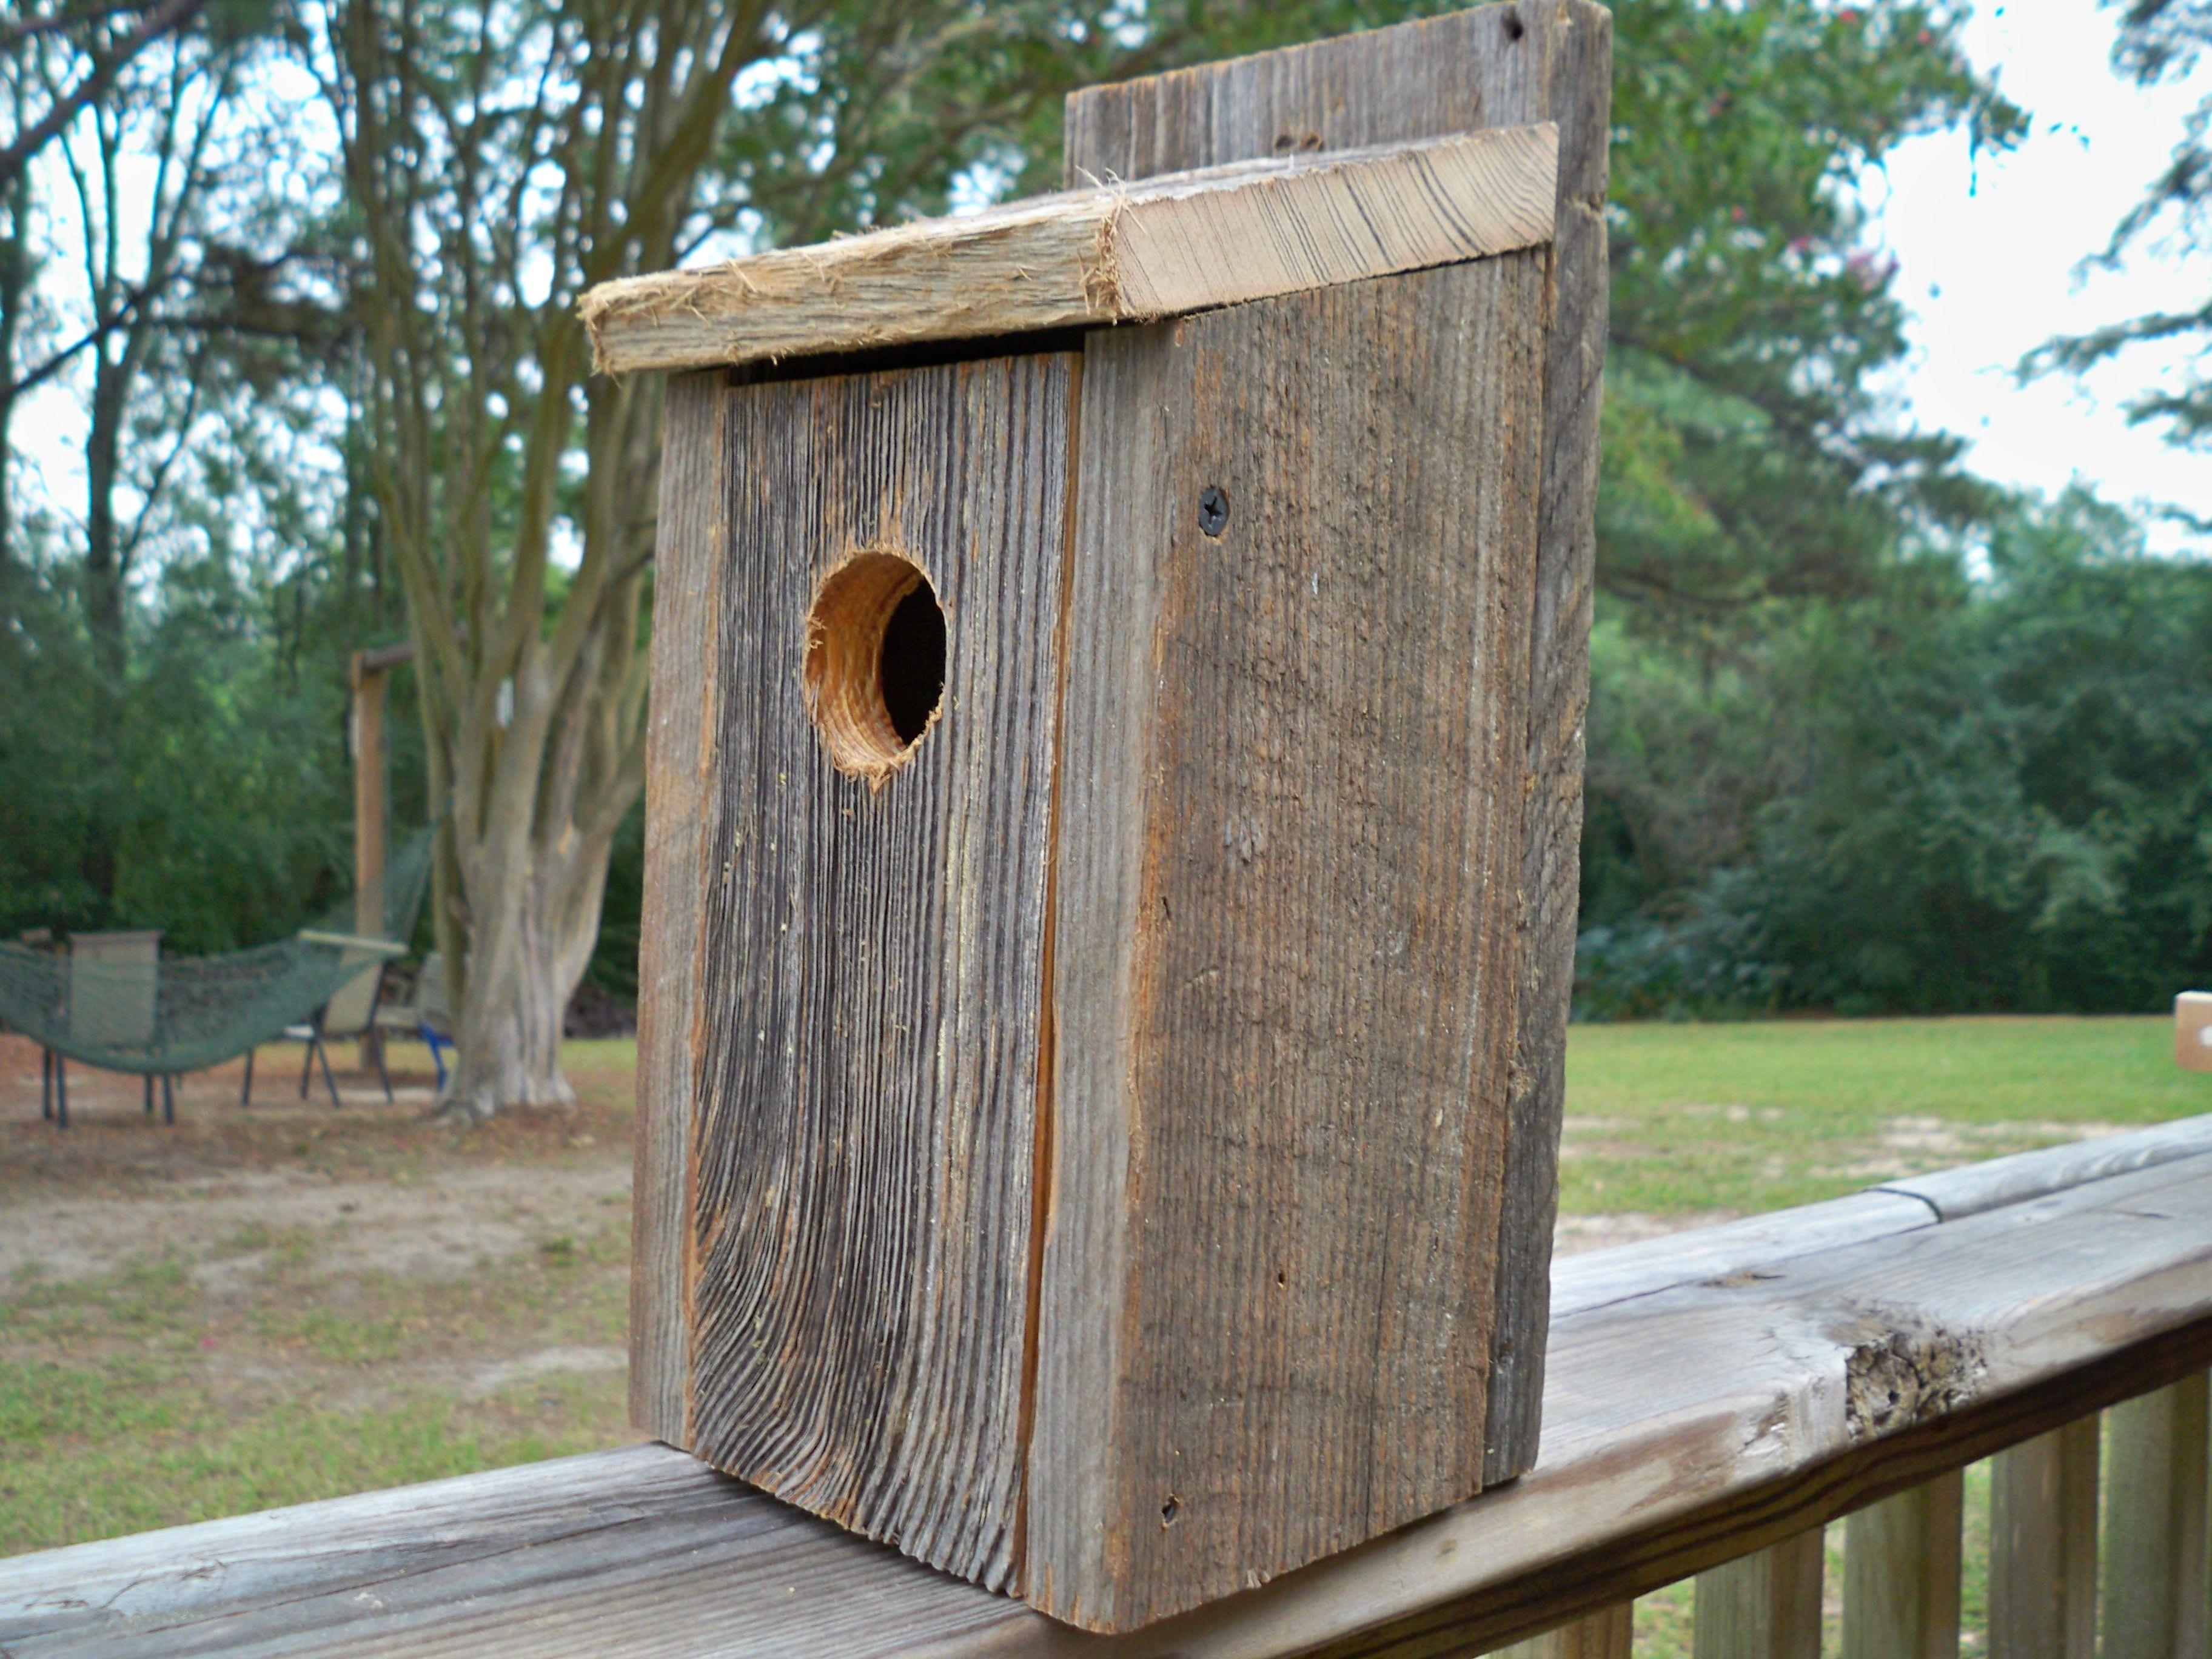 Barn wood blue bird house bird houses pinterest - Old barn wood bird houses ...